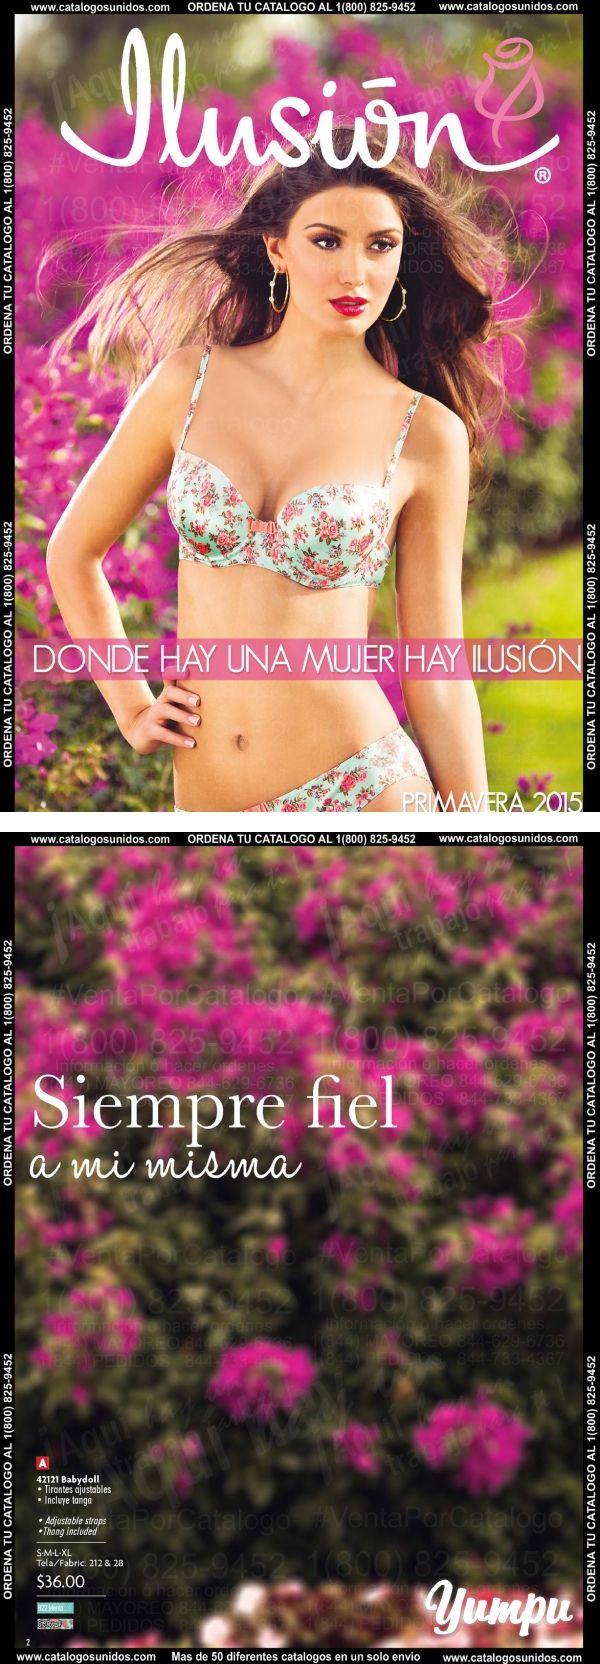 aae941067 Catalogo Digital Ilusion Primavera 2015-Catalogo de lenceria y mucho mas de  la mejor marca de Mexico disponible aqui en Estados Unidos llamando al  1.800. ...